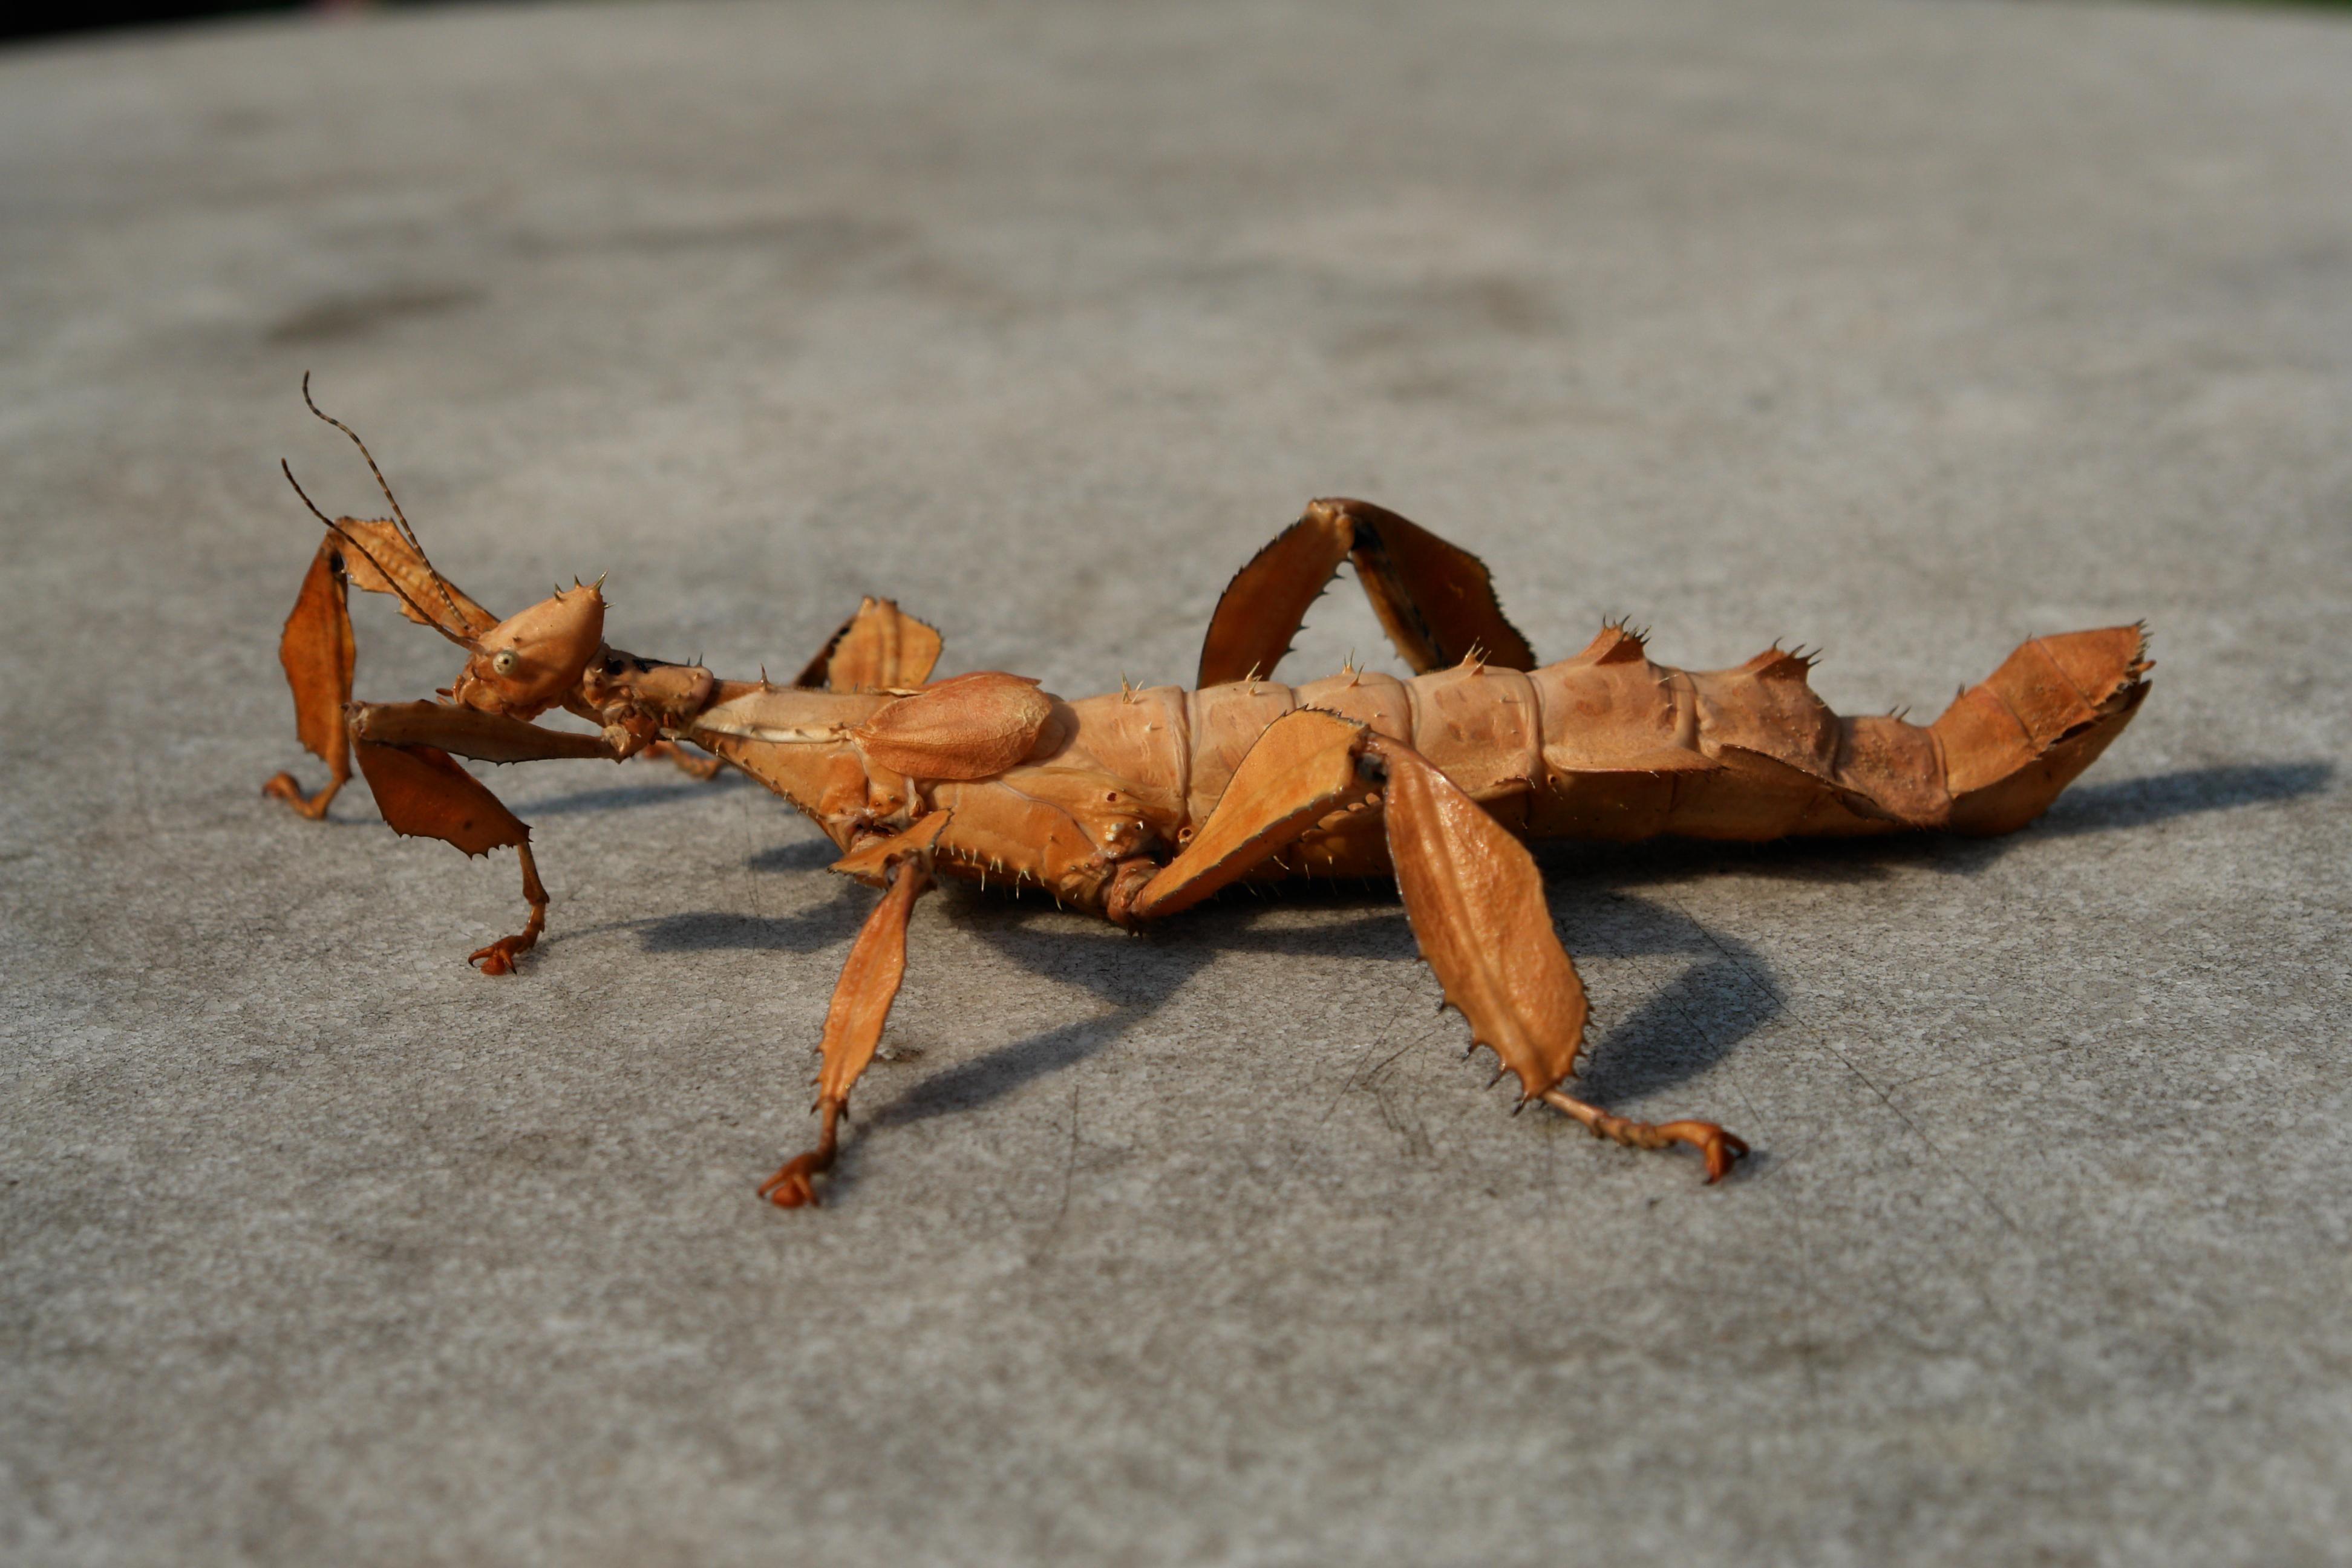 10 Imágenes de extraños insectos que parecen sacados de una película de extraterrestres